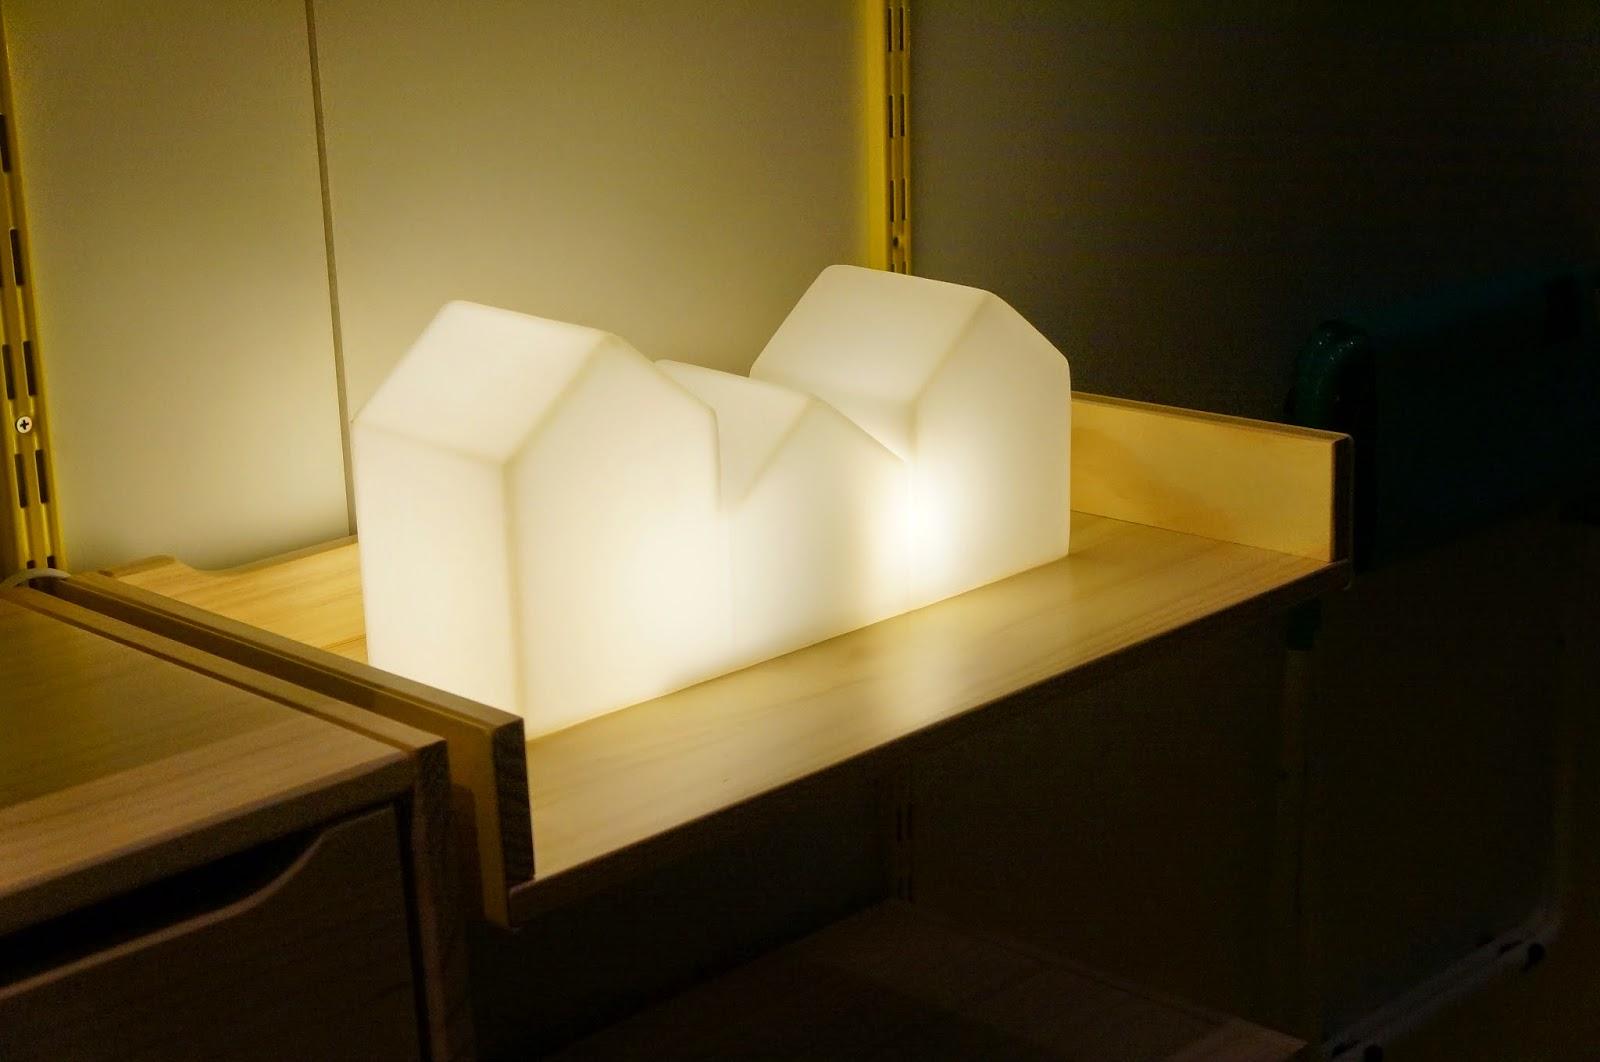 Bel Lobo - Coleção Vira e Mexe - Tok&Stok - luminária de mesa com duas lâmpadas fluorescentes